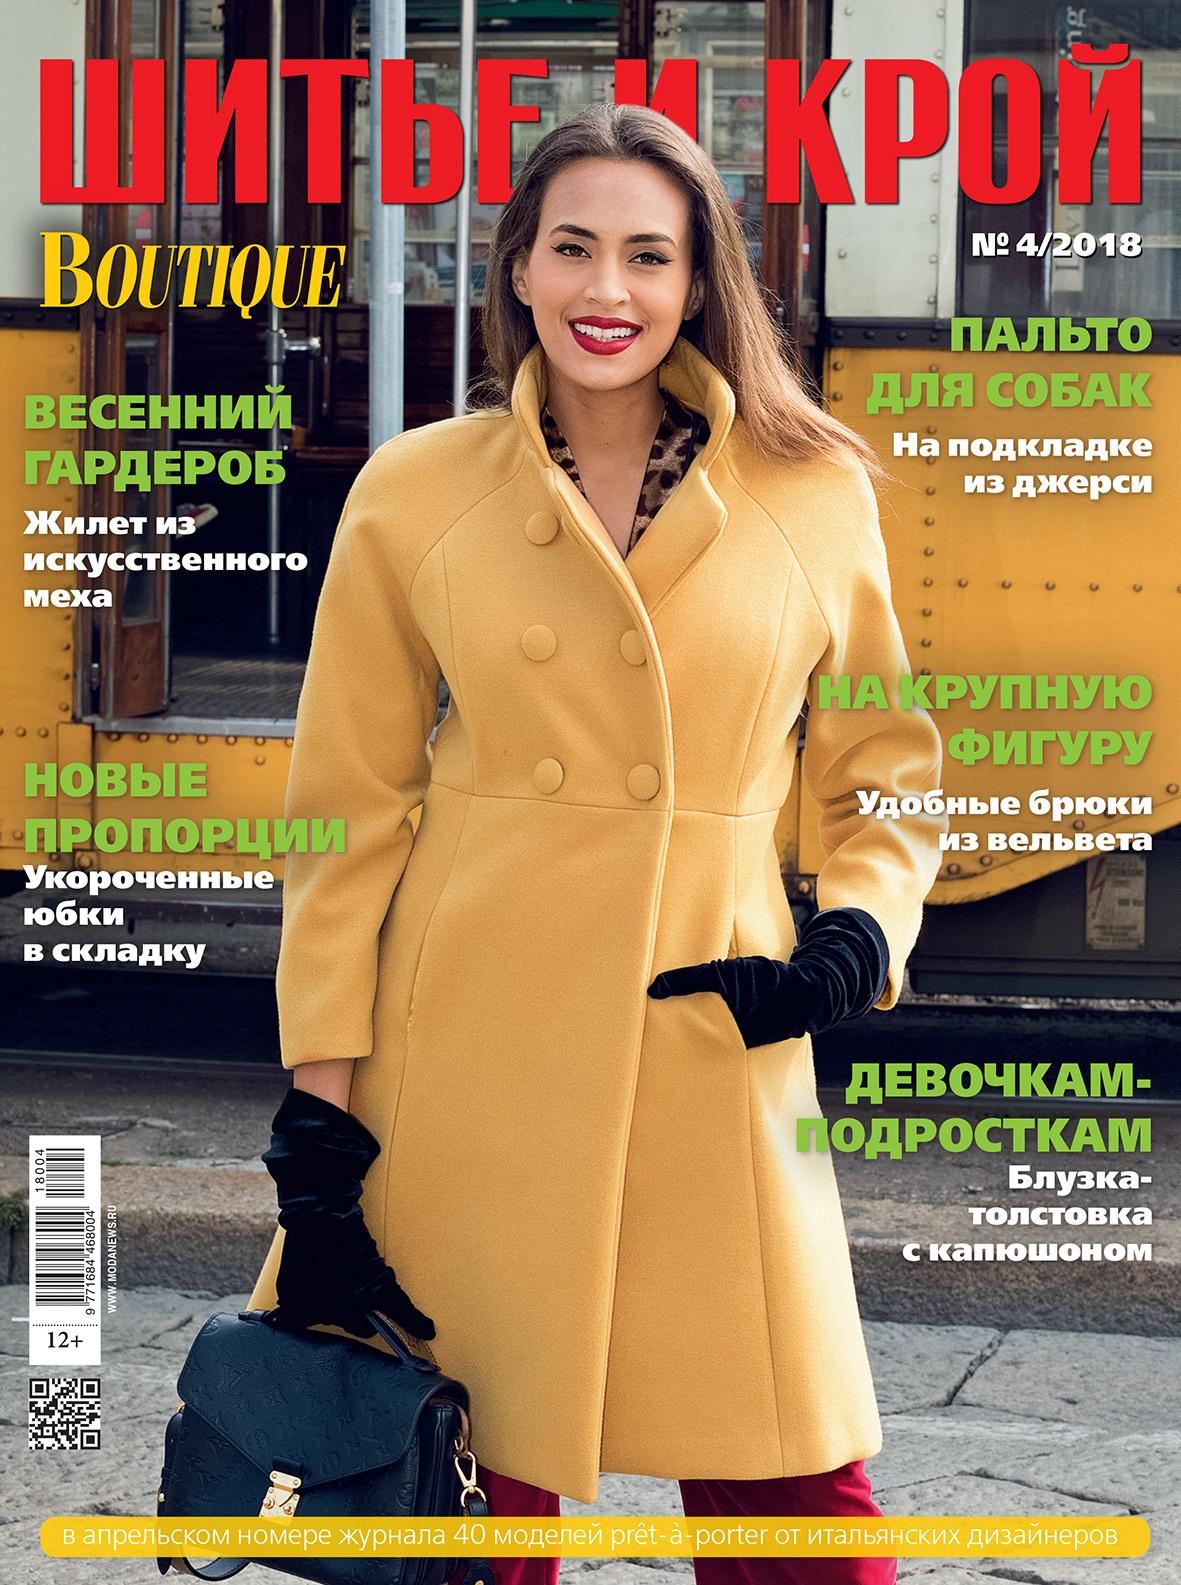 Модный журнал своими руками фото 992